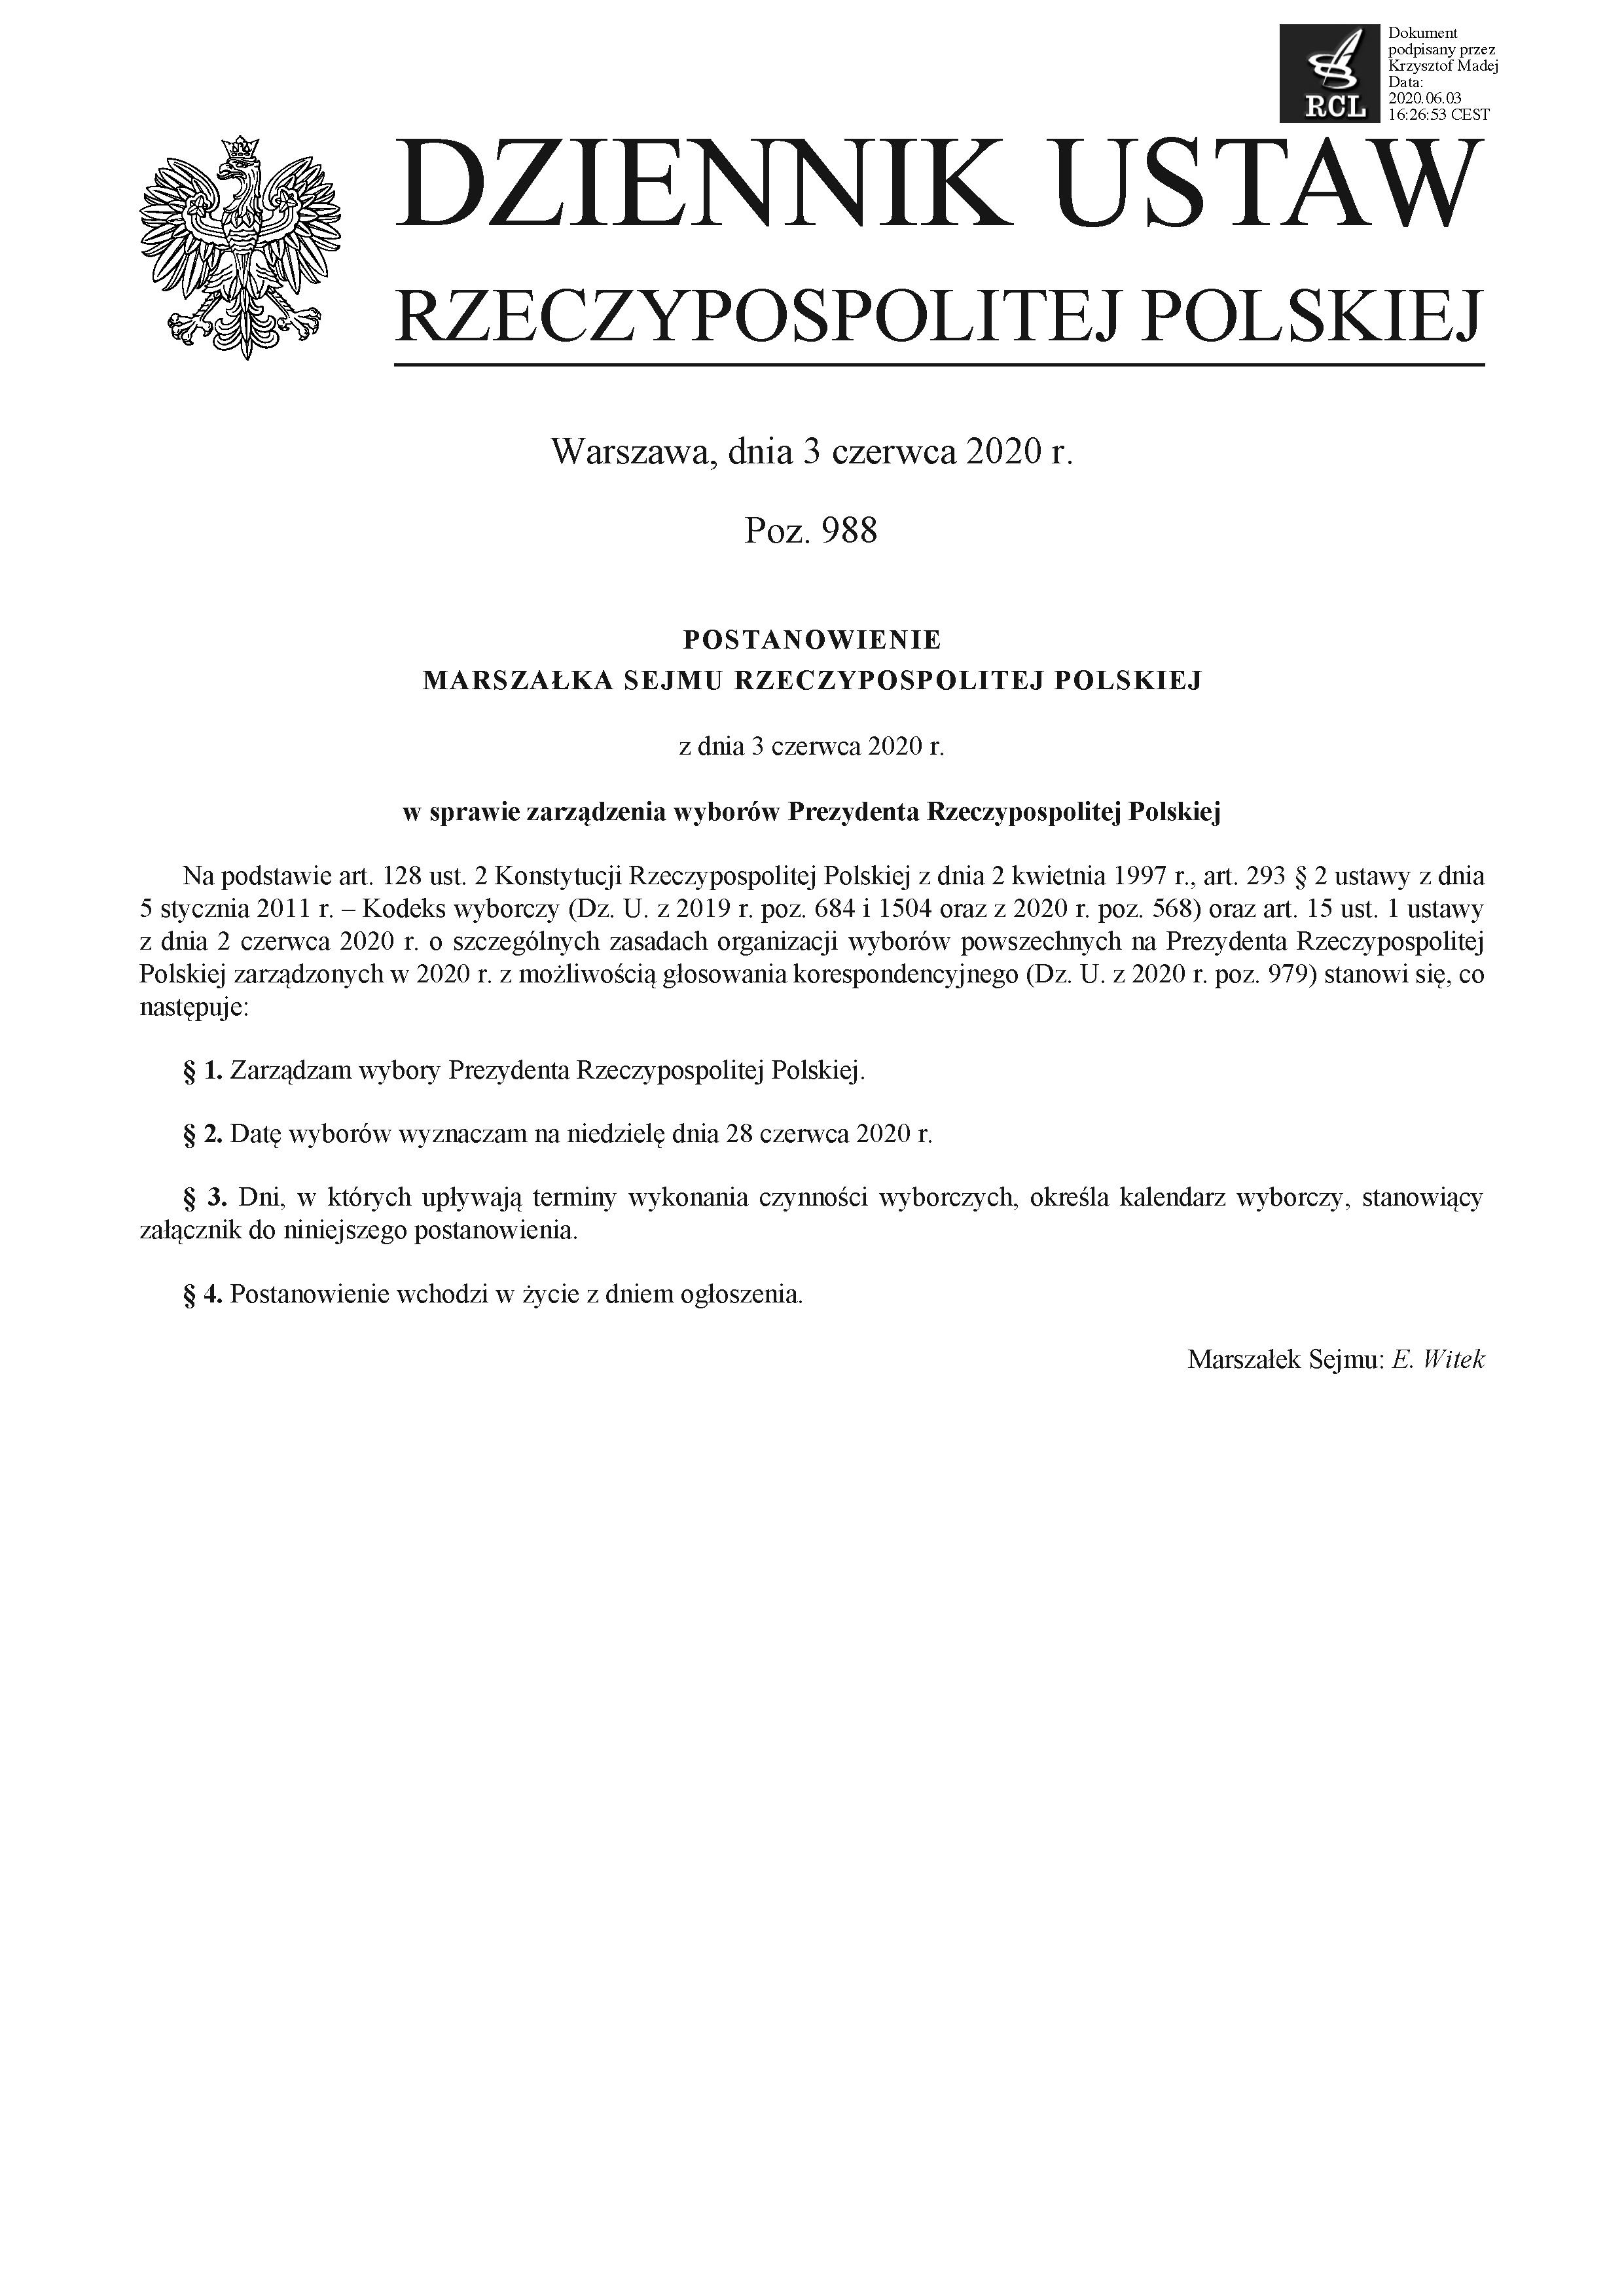 Postanowienie Marszałka Sejmu RP w sprawie zarządzenia wyborów Prezydenta Rzeczypospolitej Polskiej strona 1